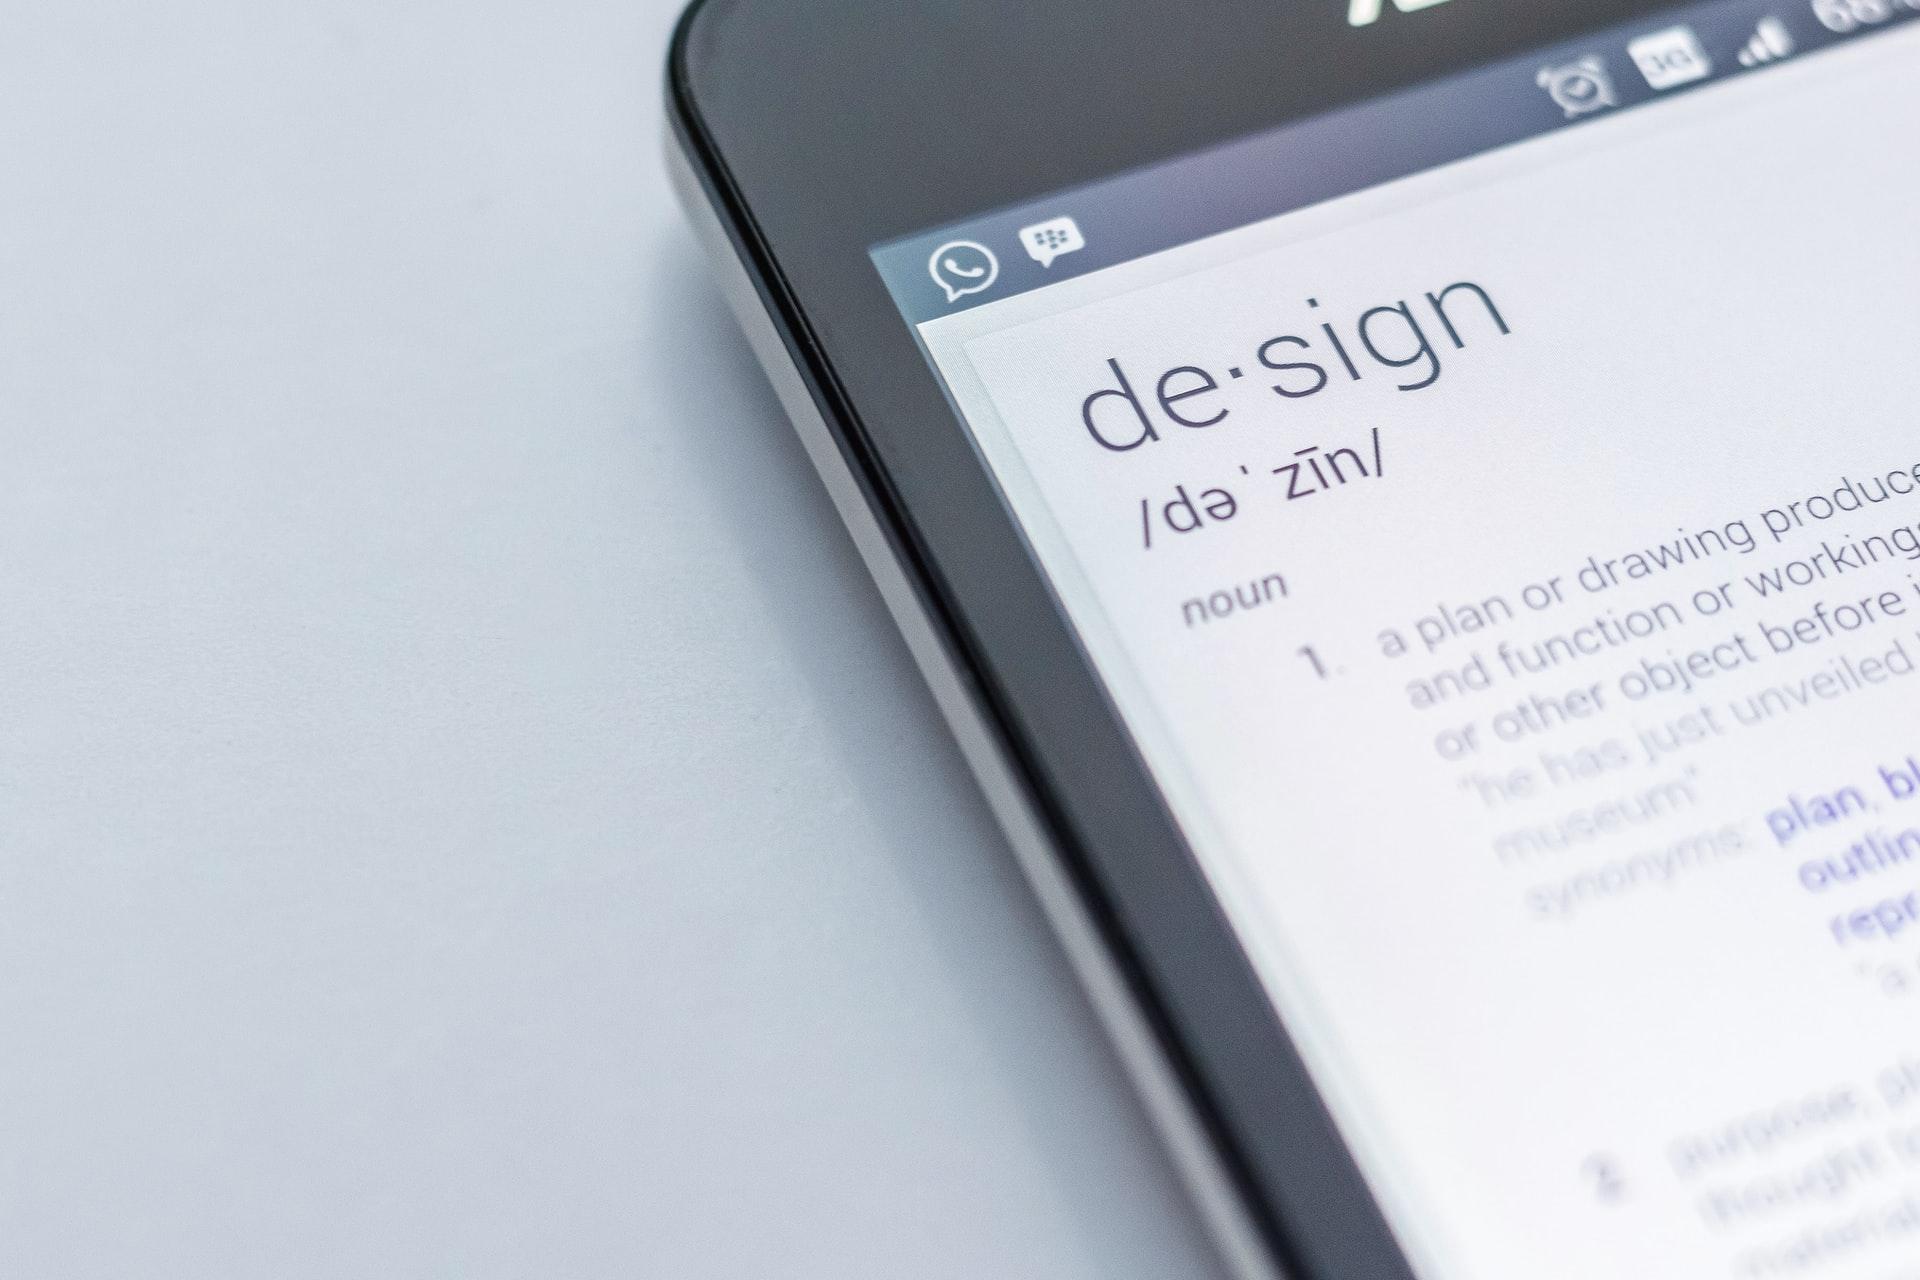 「Design」をスマホで調べた結果